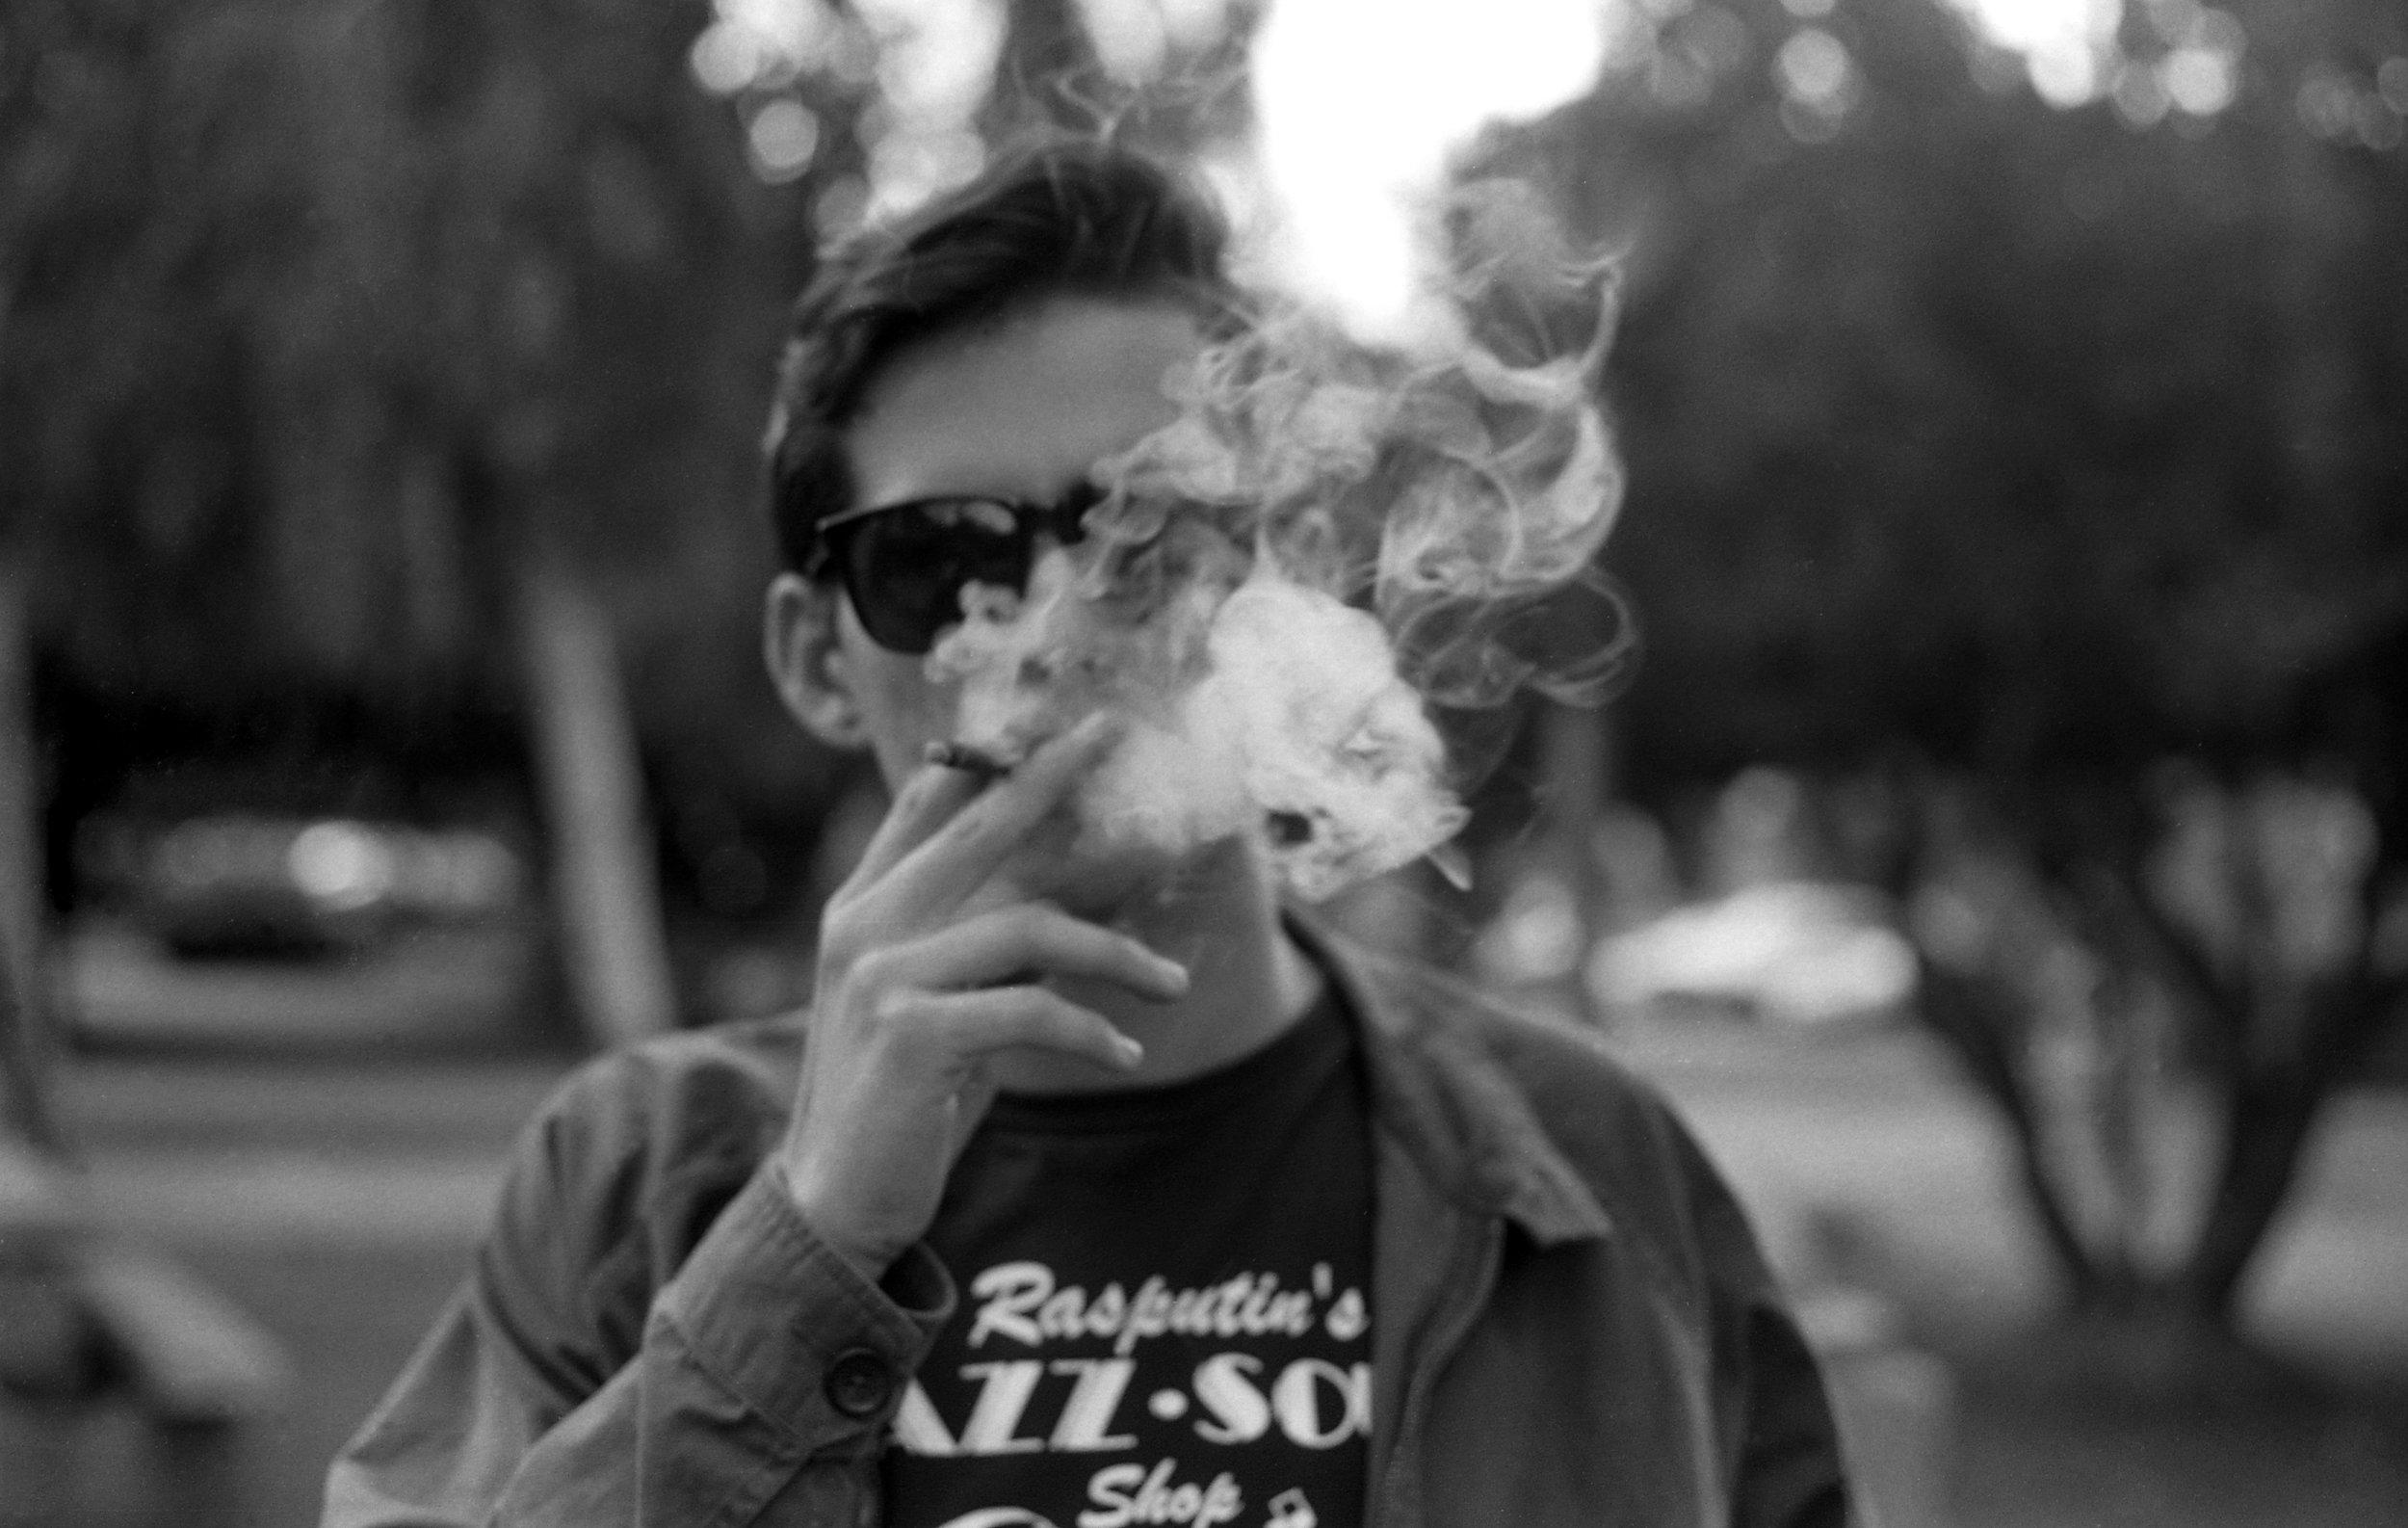 Close friend puffing cigarette